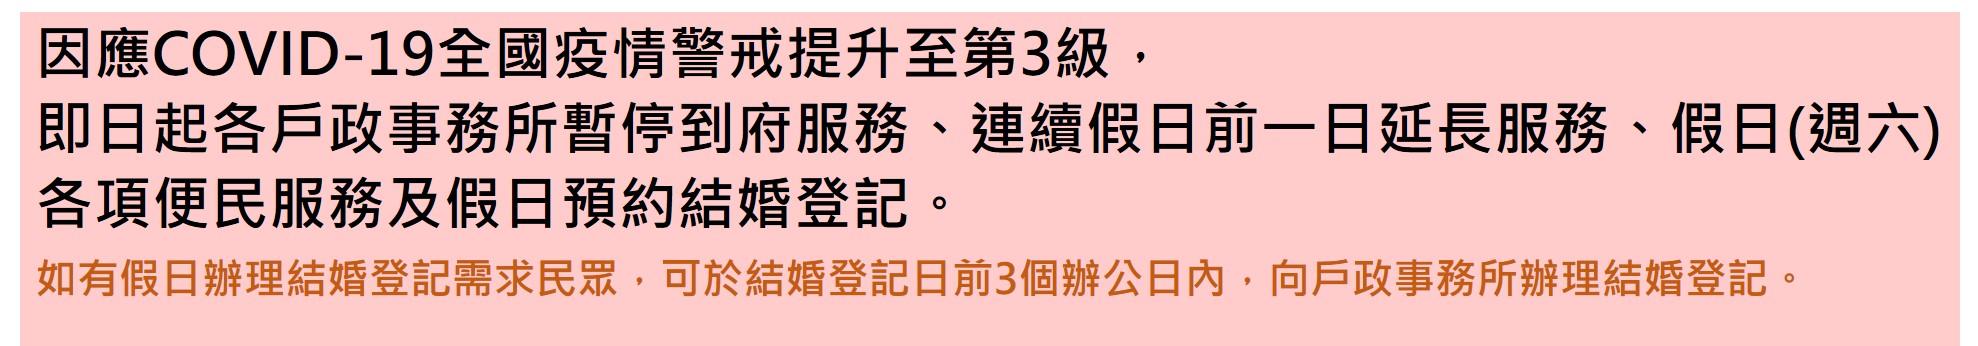 因應COVID-19全國疫情警戒提升至第3級,臺南市各戶政事務所即日起暫停到府服務、連續假日前一日延長服務、假日(週六)各項便民服務、假日預約結婚登記及聯合服務中心駐點服務。